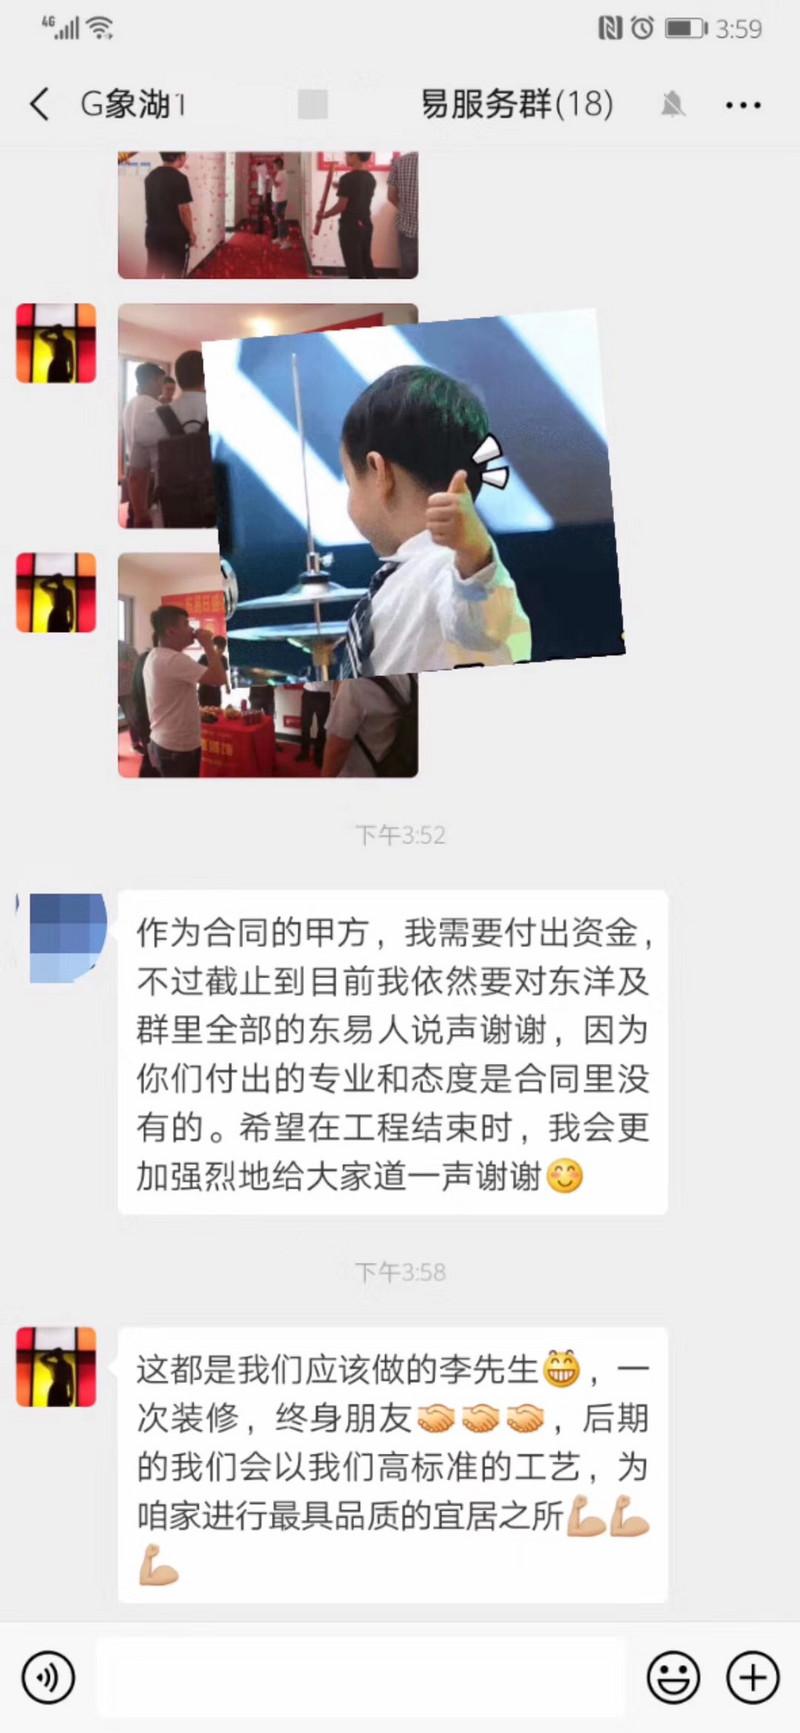 东易日盛怎么样?李先生:你们付出的专业和态度是合同没有的,谢谢!